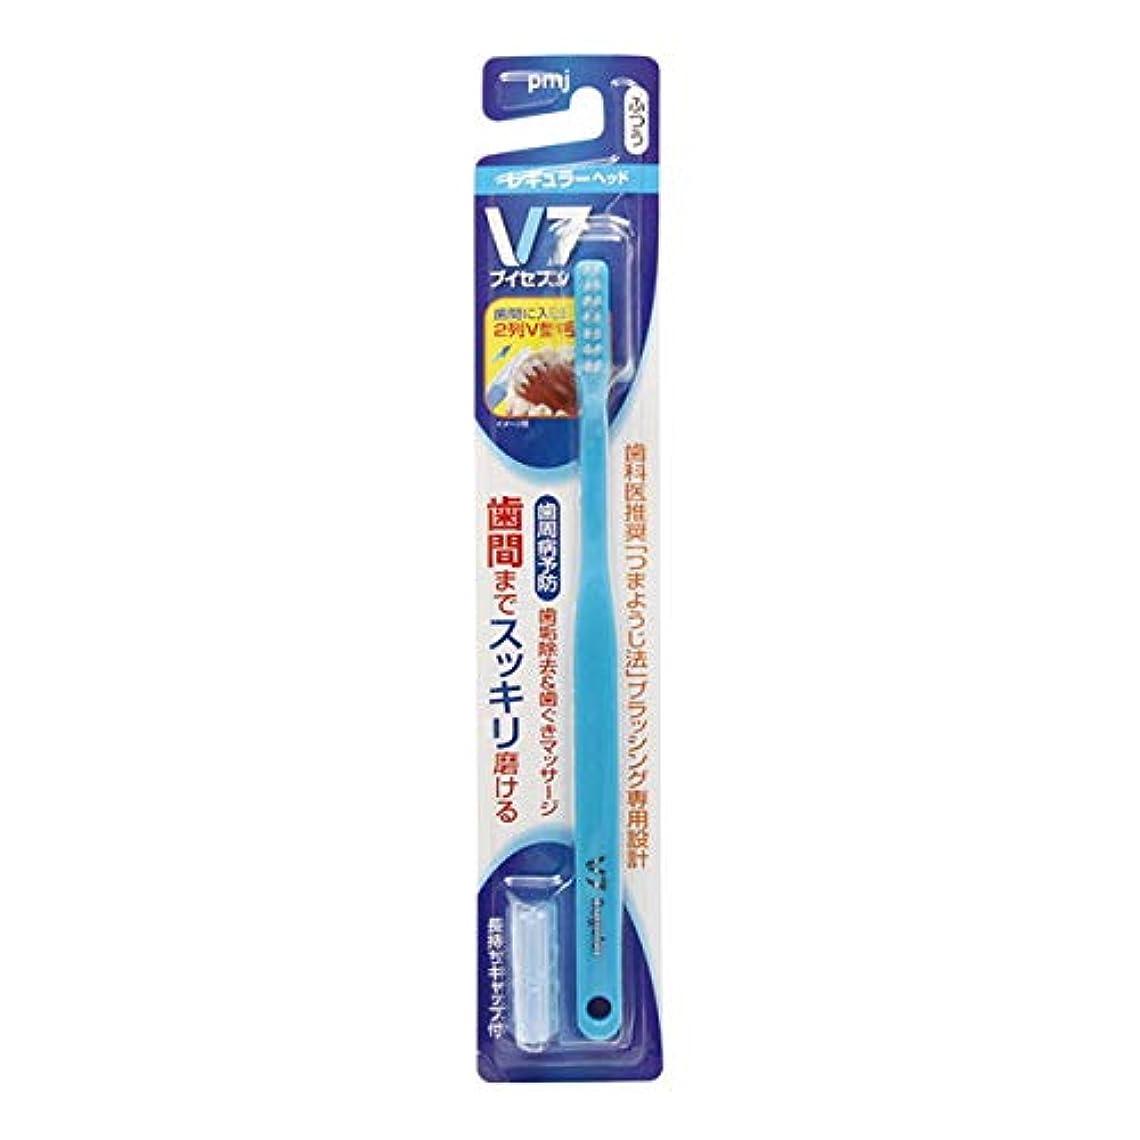 是正プリーツ石膏p.m.j Vセブン 歯ブラシ レギュラー ふつう 1本